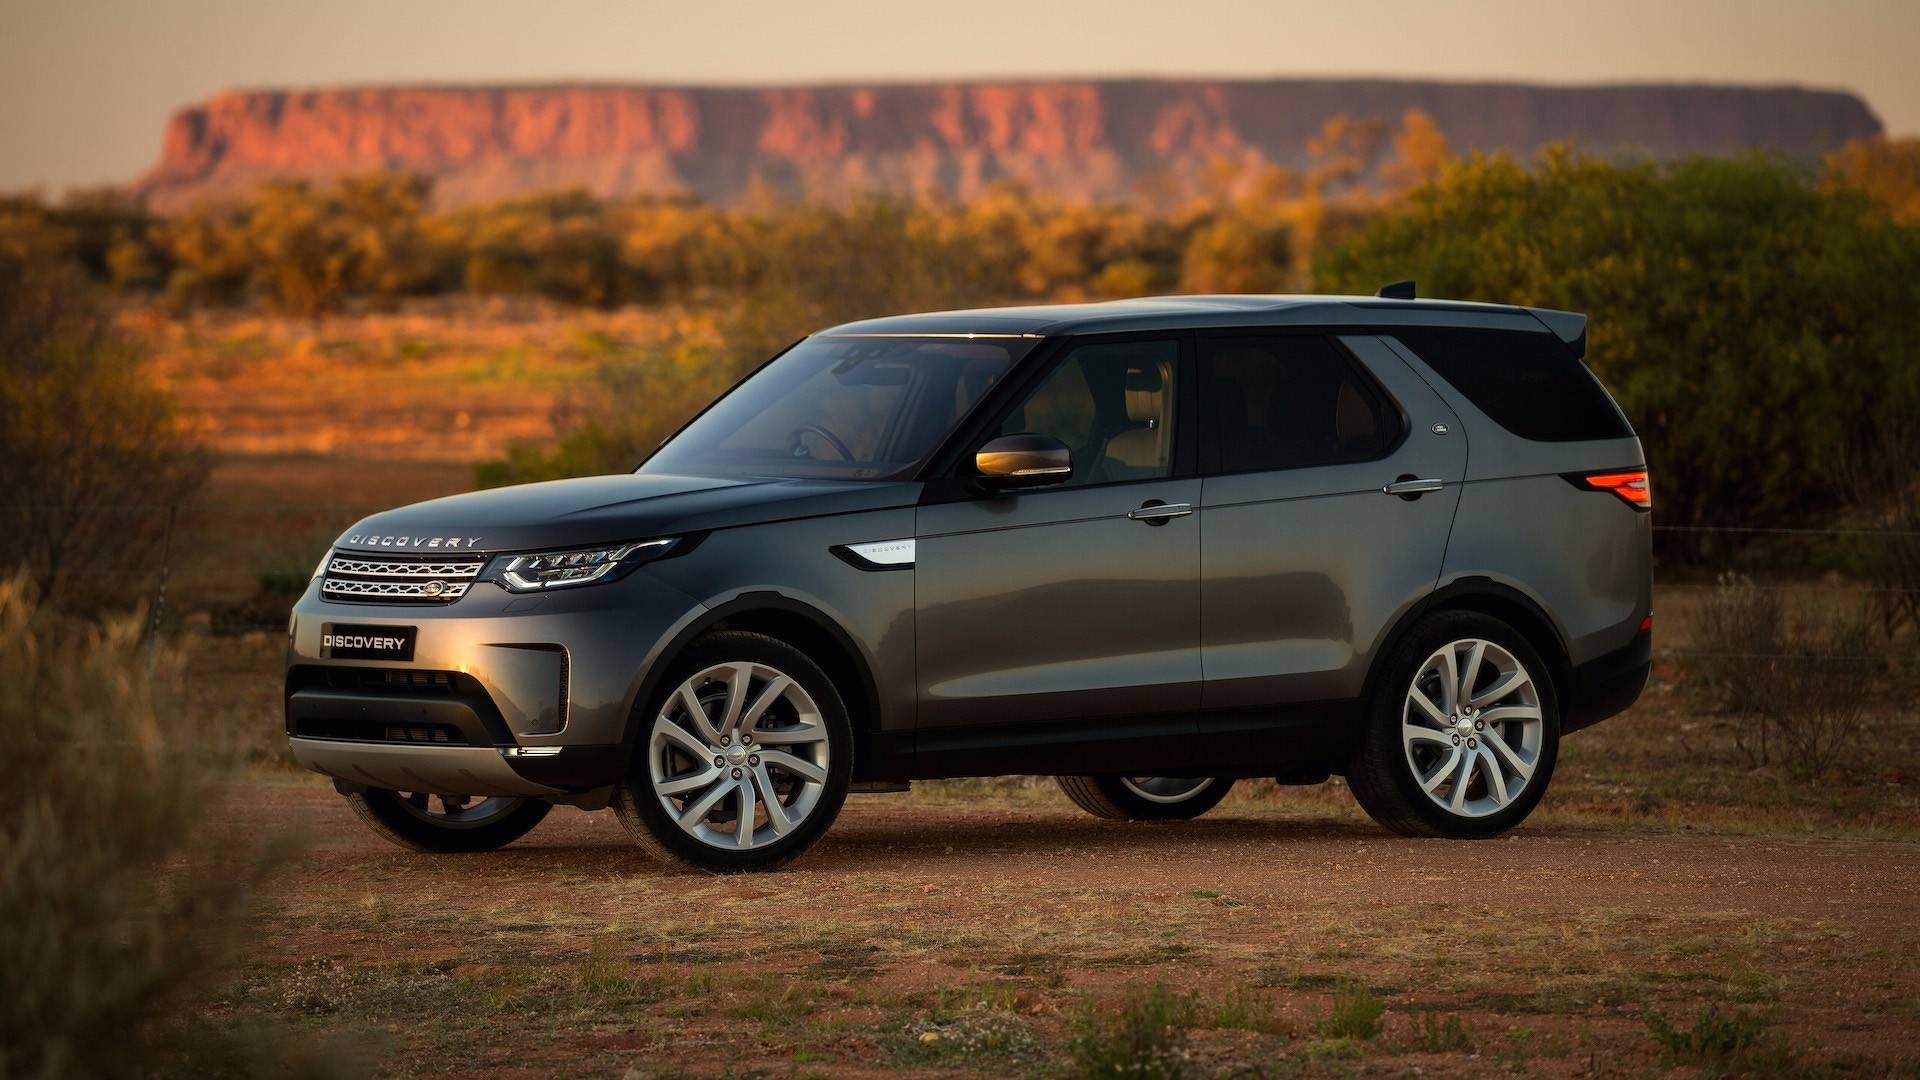 Land Rover Discovery 2018: новая, обновленная модель известного внедорожника